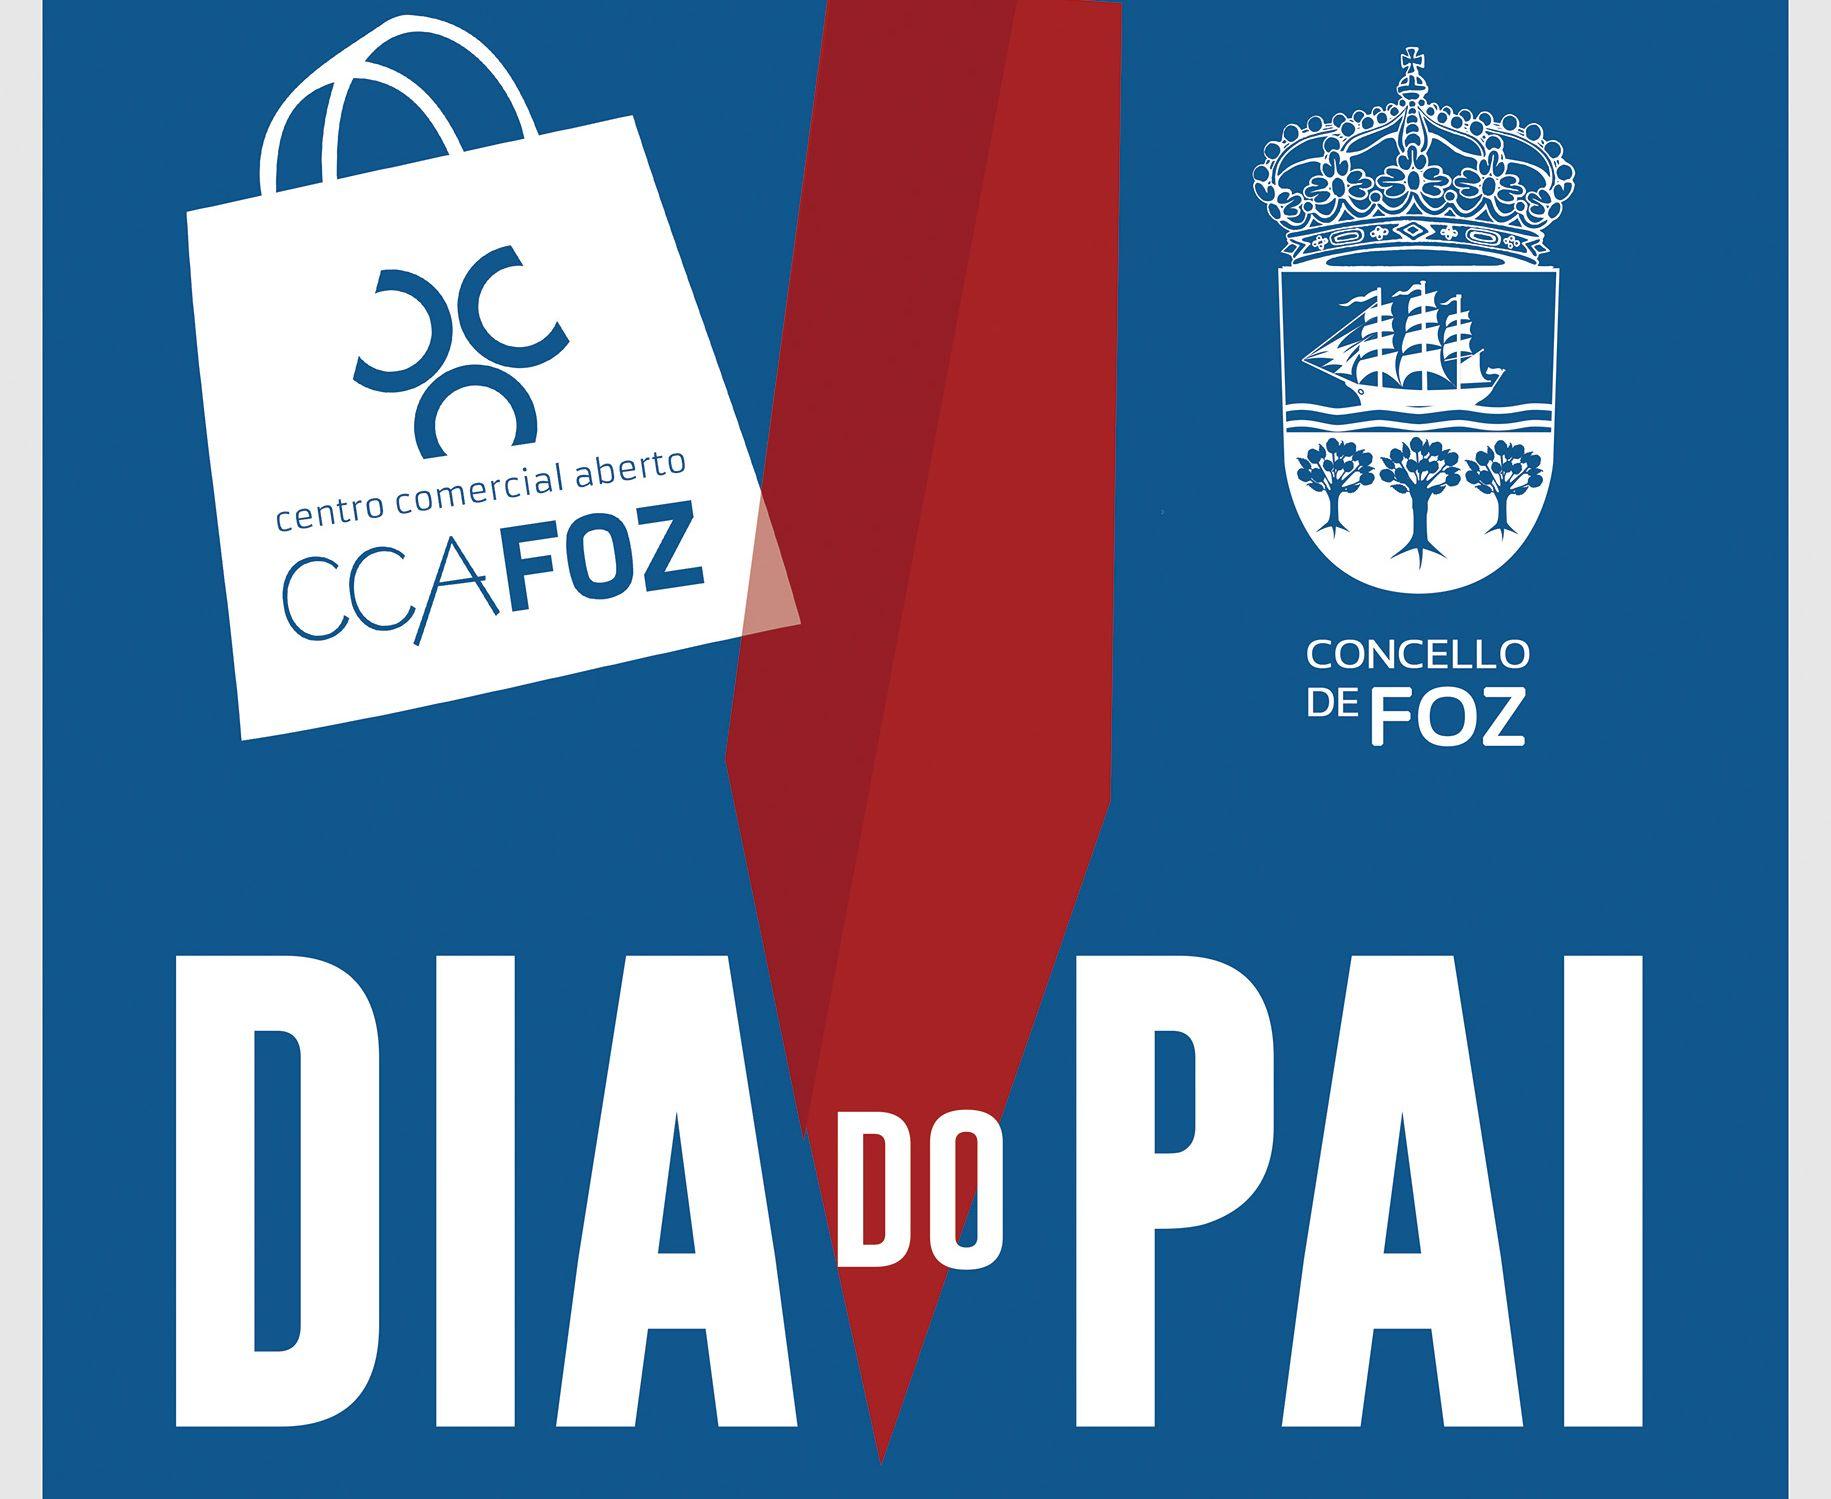 AciaFozCCA sorteará 1.000 euros na súa campaña do Día do Pai, que se desenvolverá do 5 ao 19 de marzo